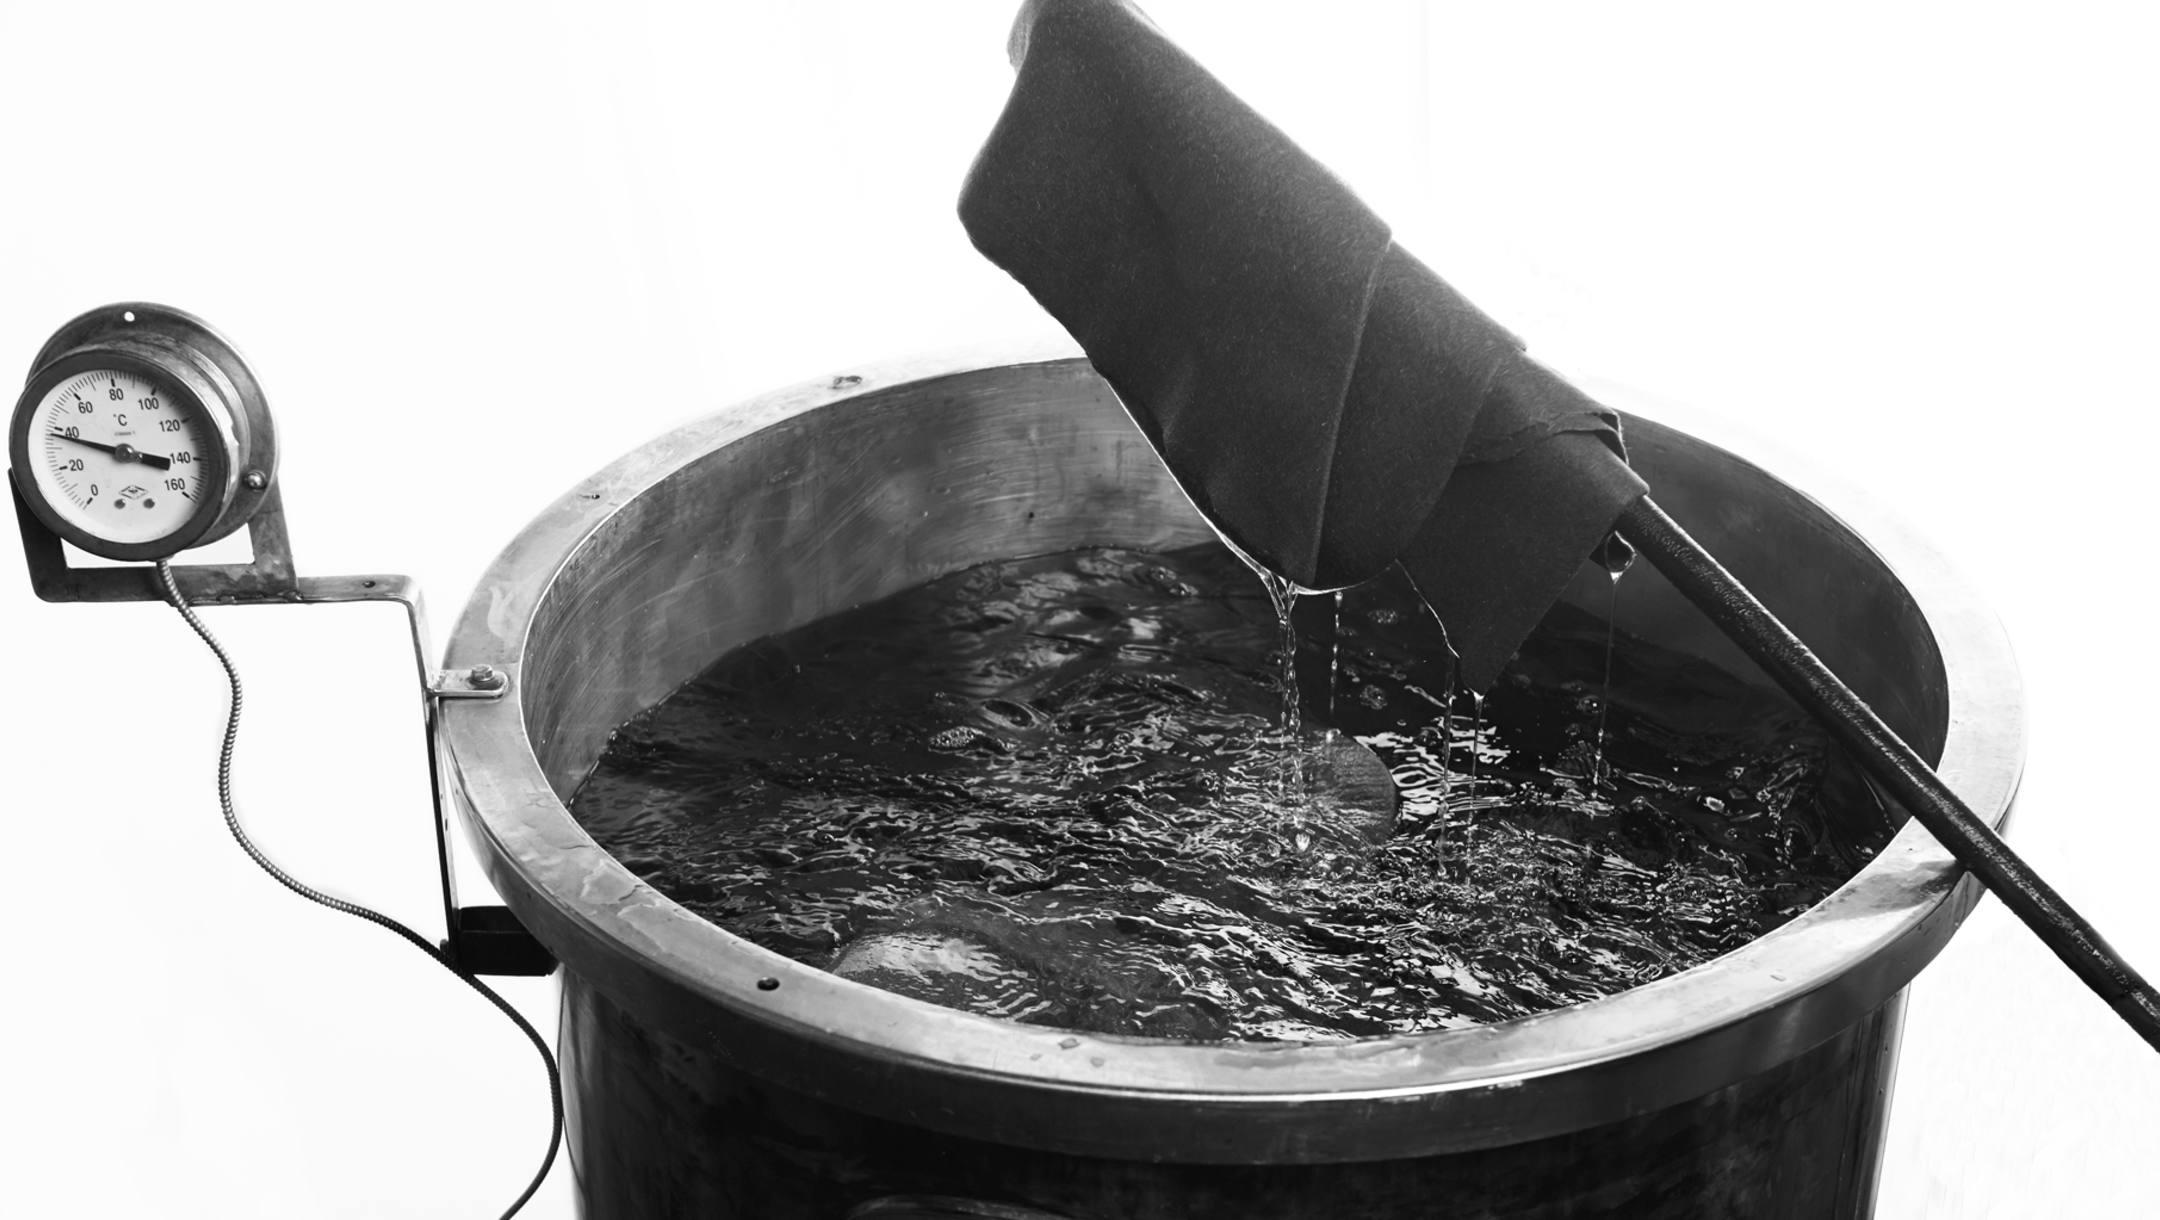 Les feutres sont maintenant teints dans des machines à pression atmosphérique et à la température d'ébullition de 90 à 240 minutes suivant le grammage des feutres.